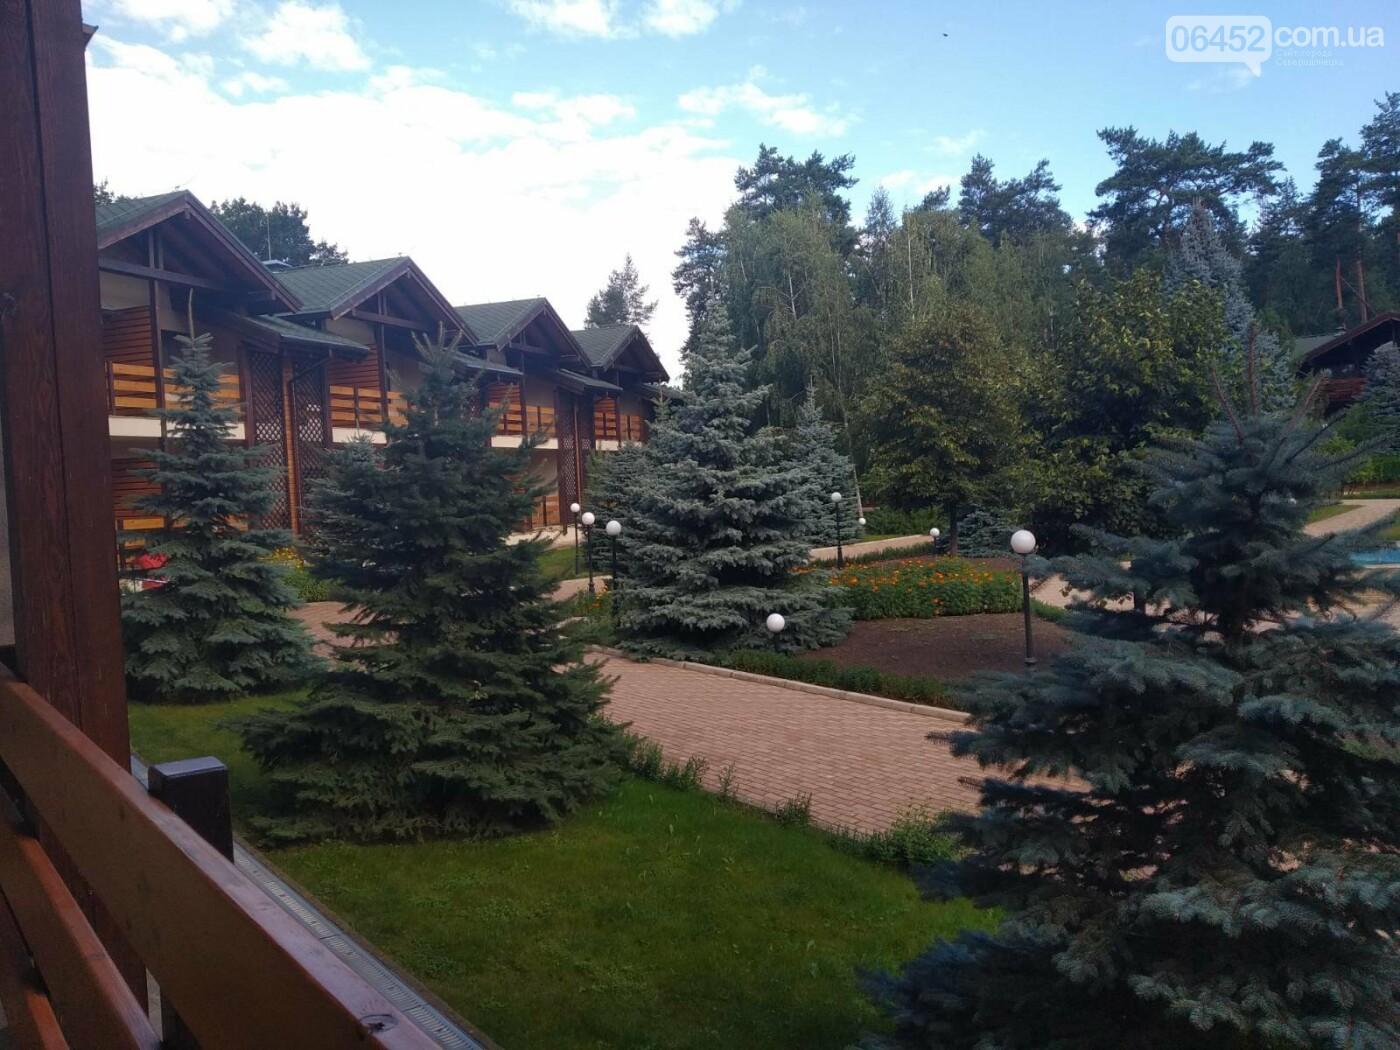 Европейский курорт в центре Луганщины: место из которого вы не захотите уезжать, фото-11